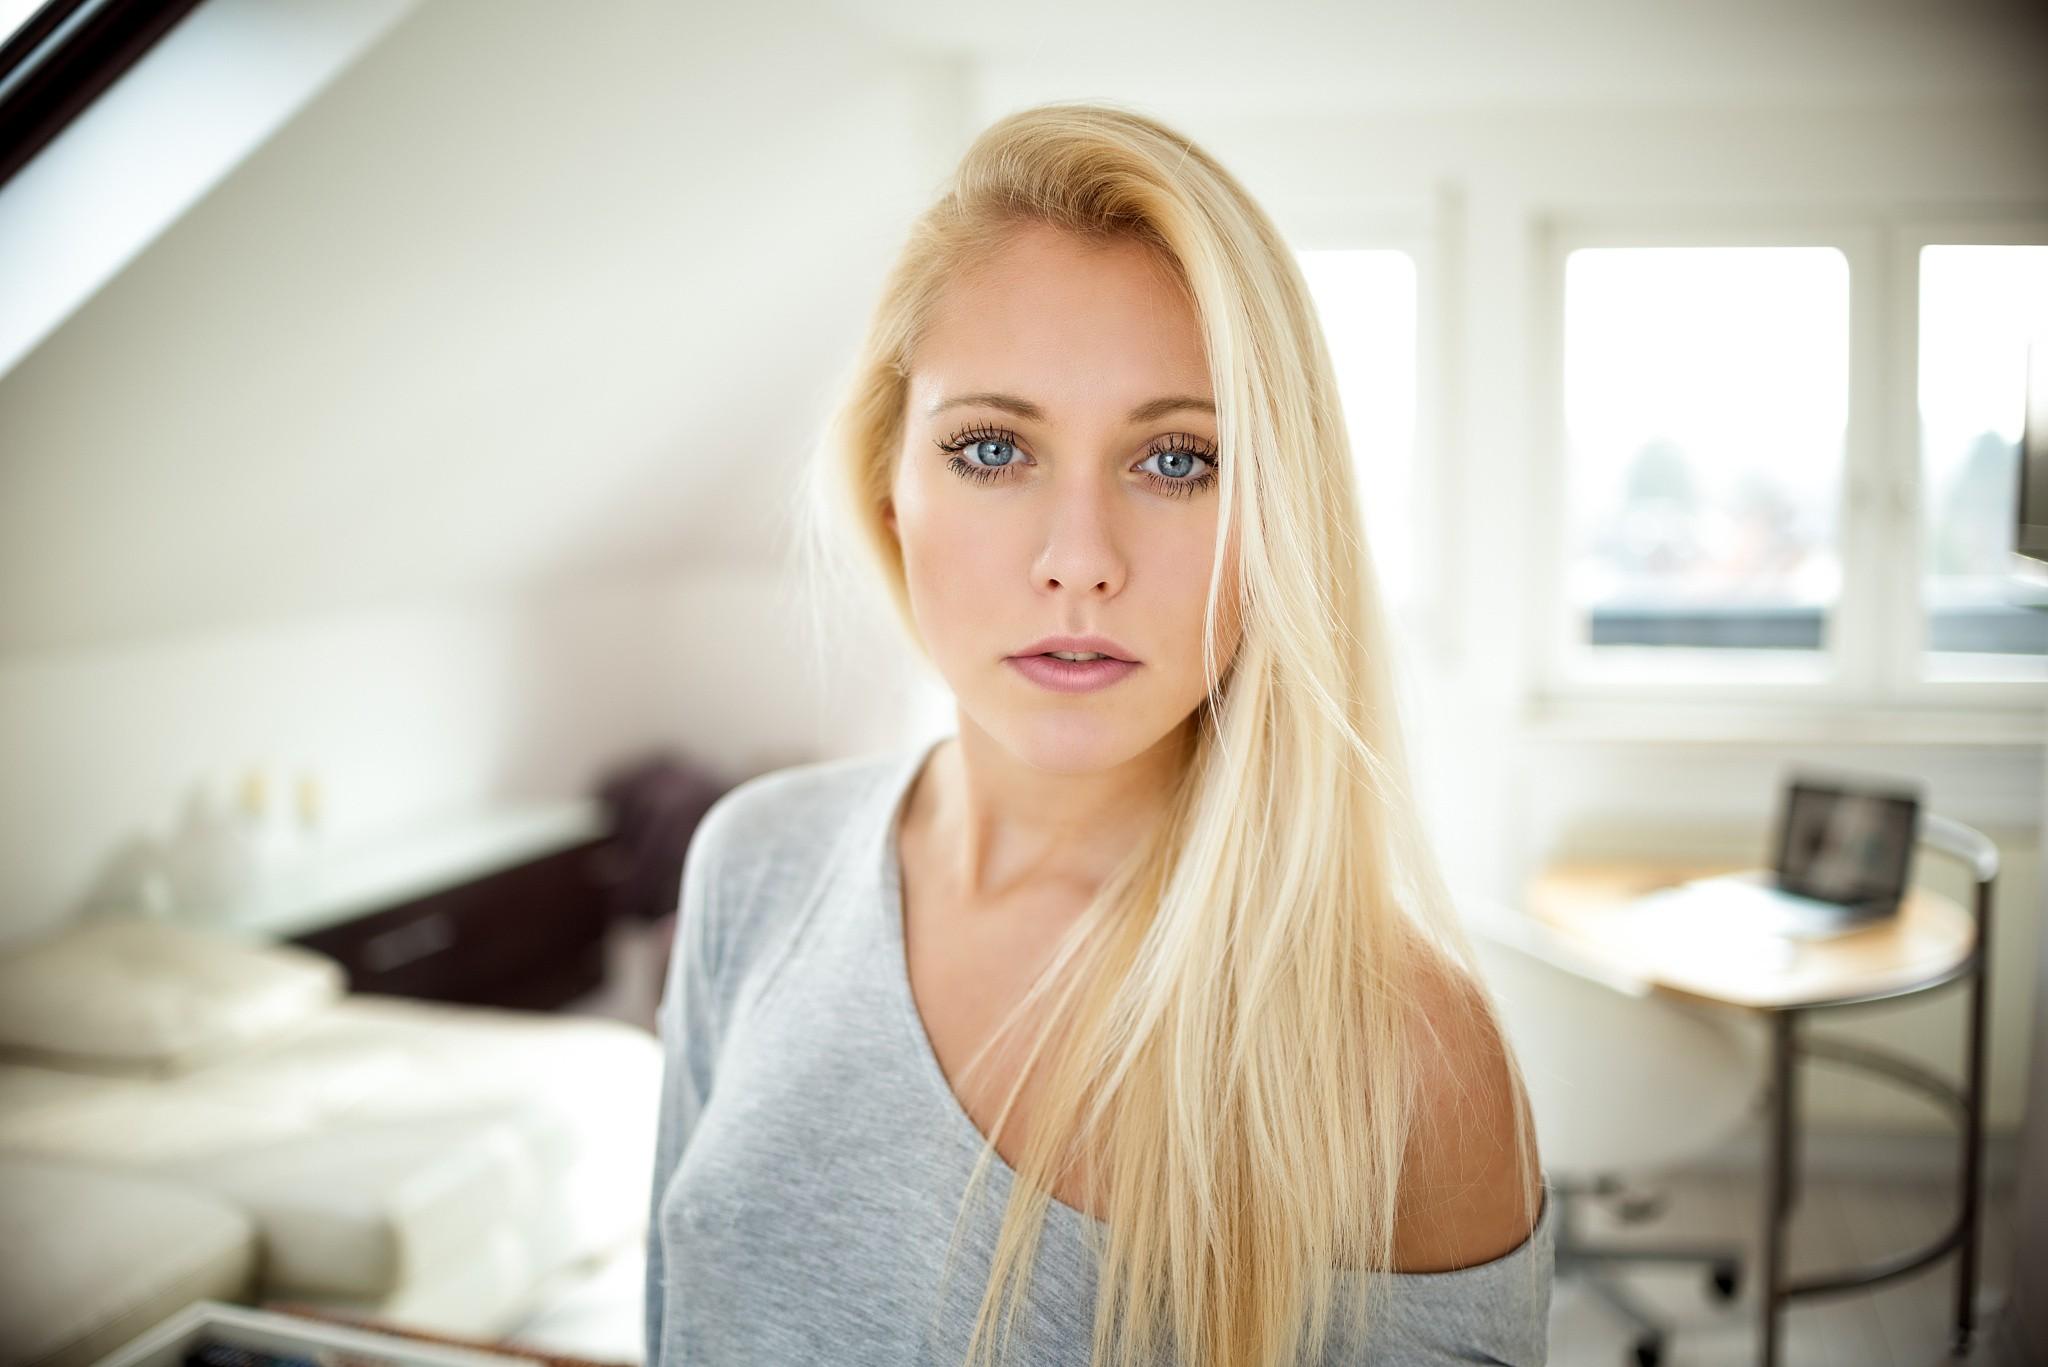 Голубоглазая белые волосы длинные стройная — 12